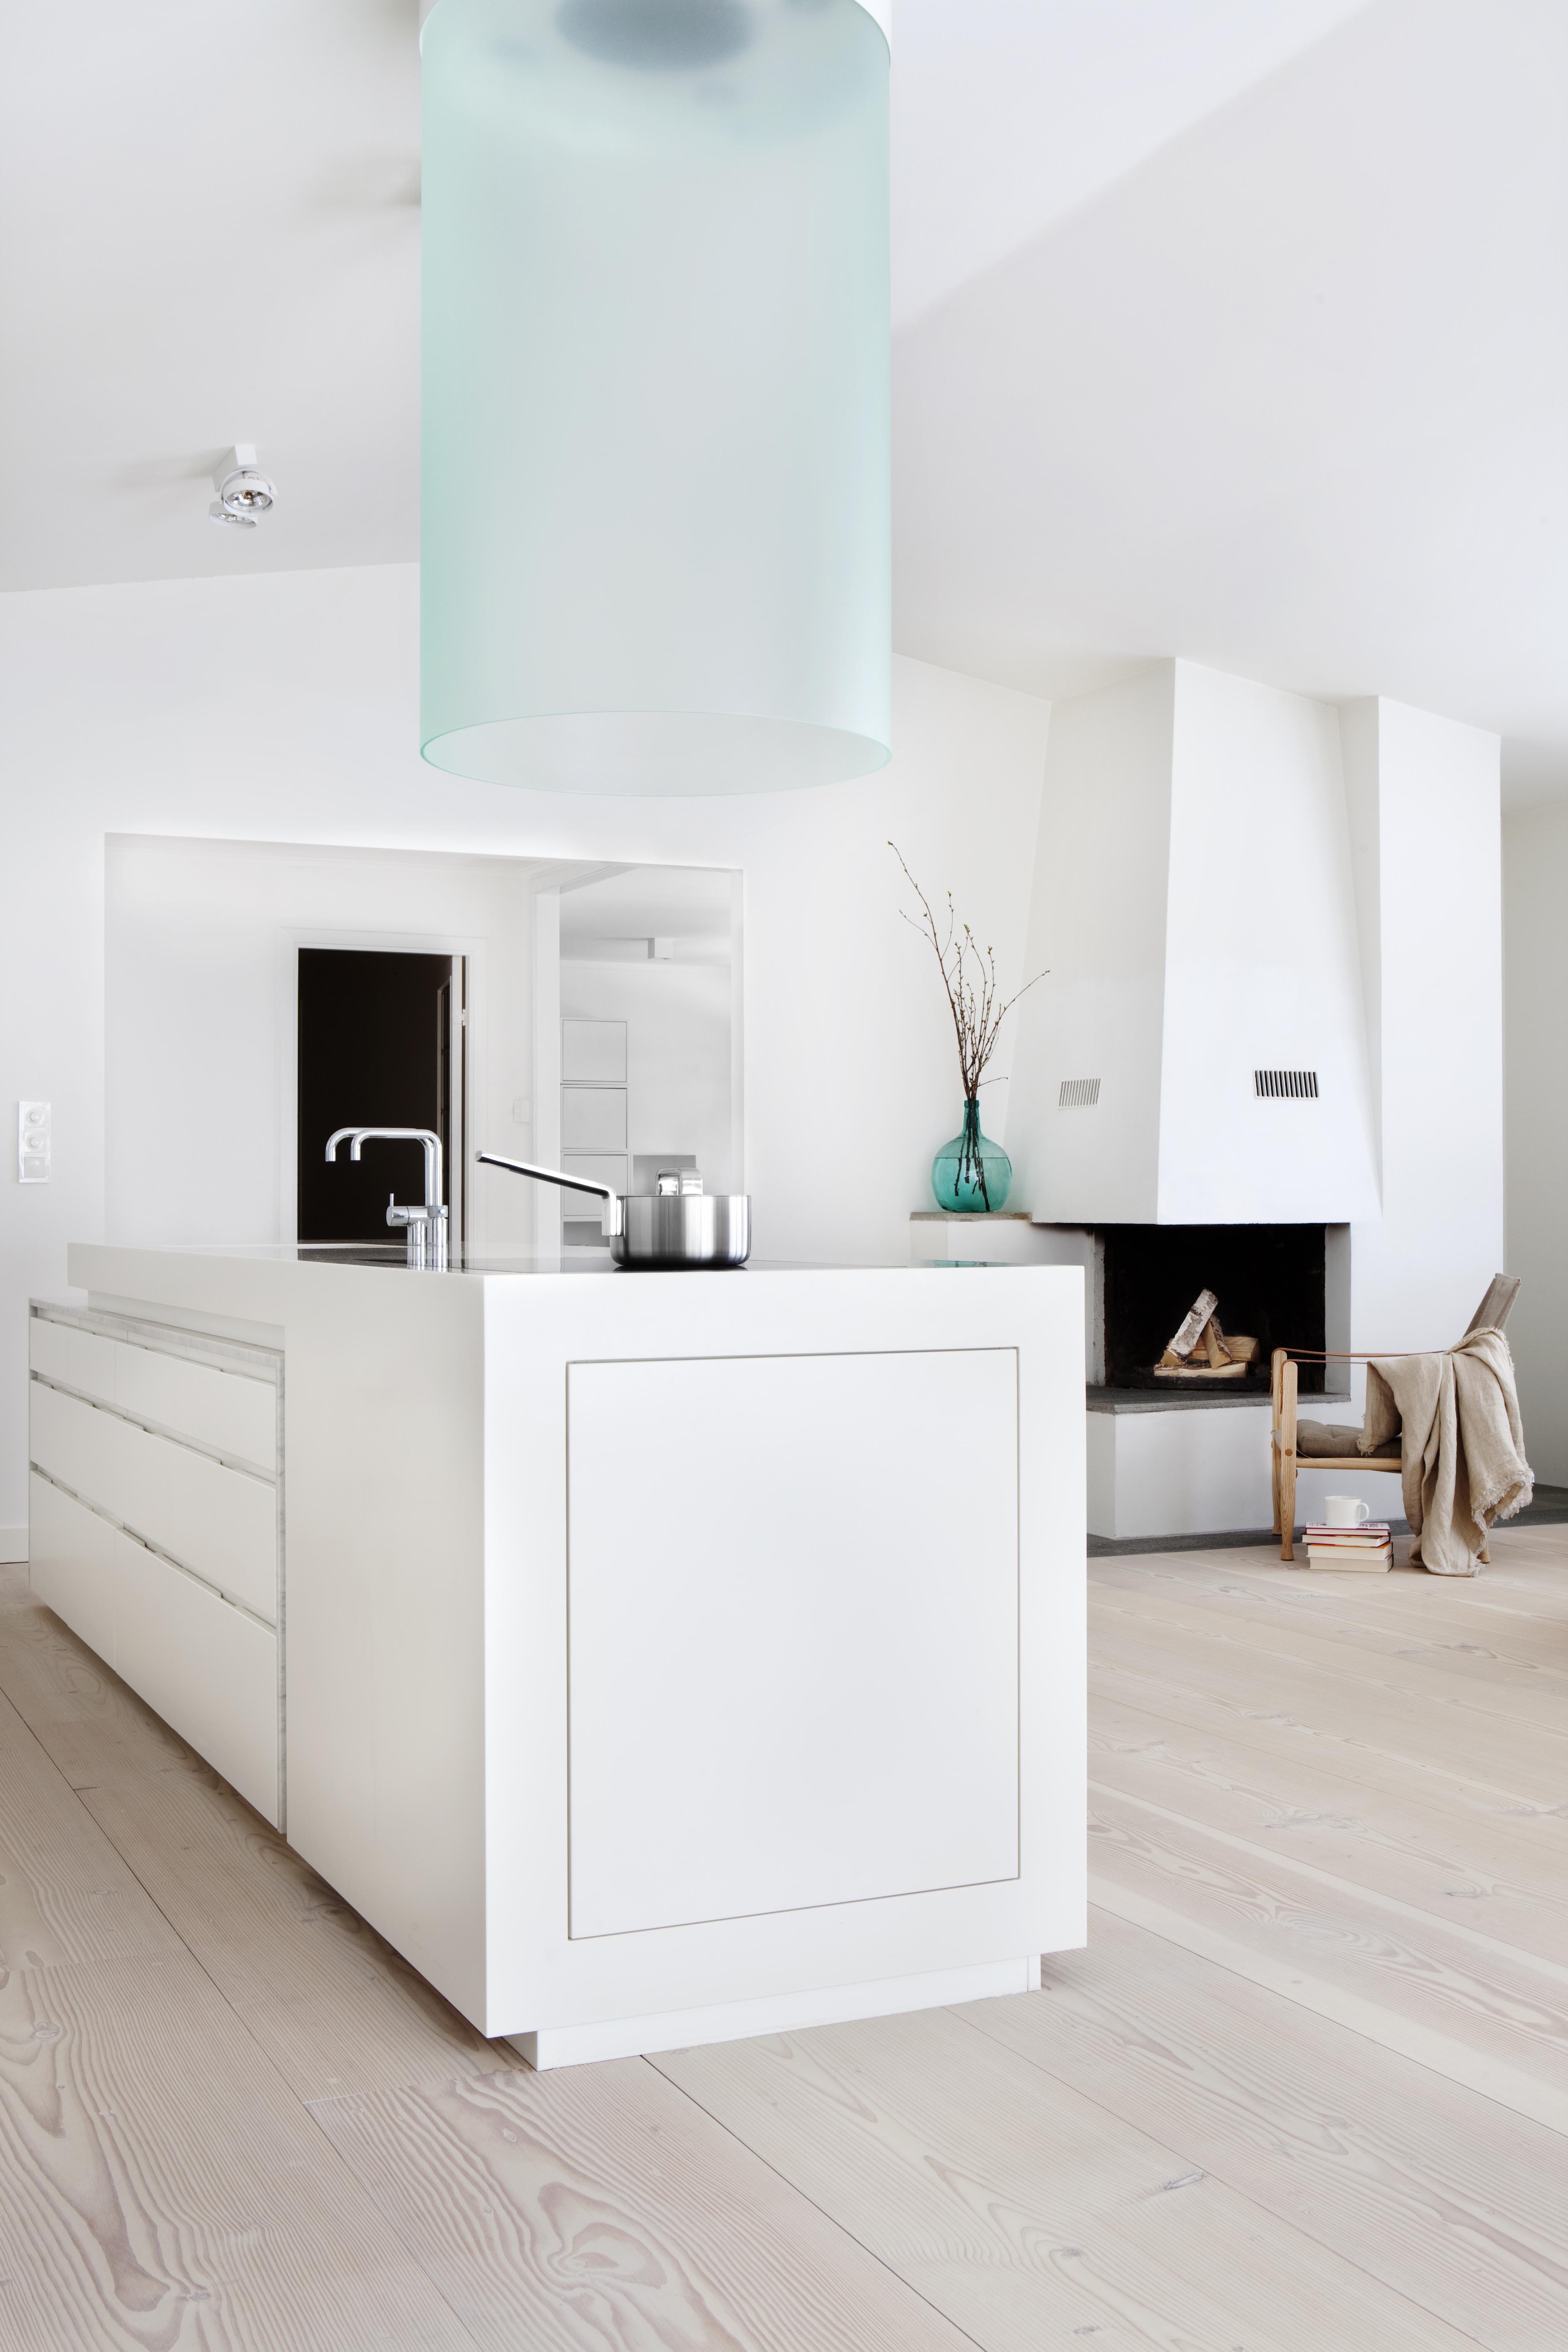 Kjøkken Sofa: Balder seter sofa Home & Cottage. Fargeråd. .